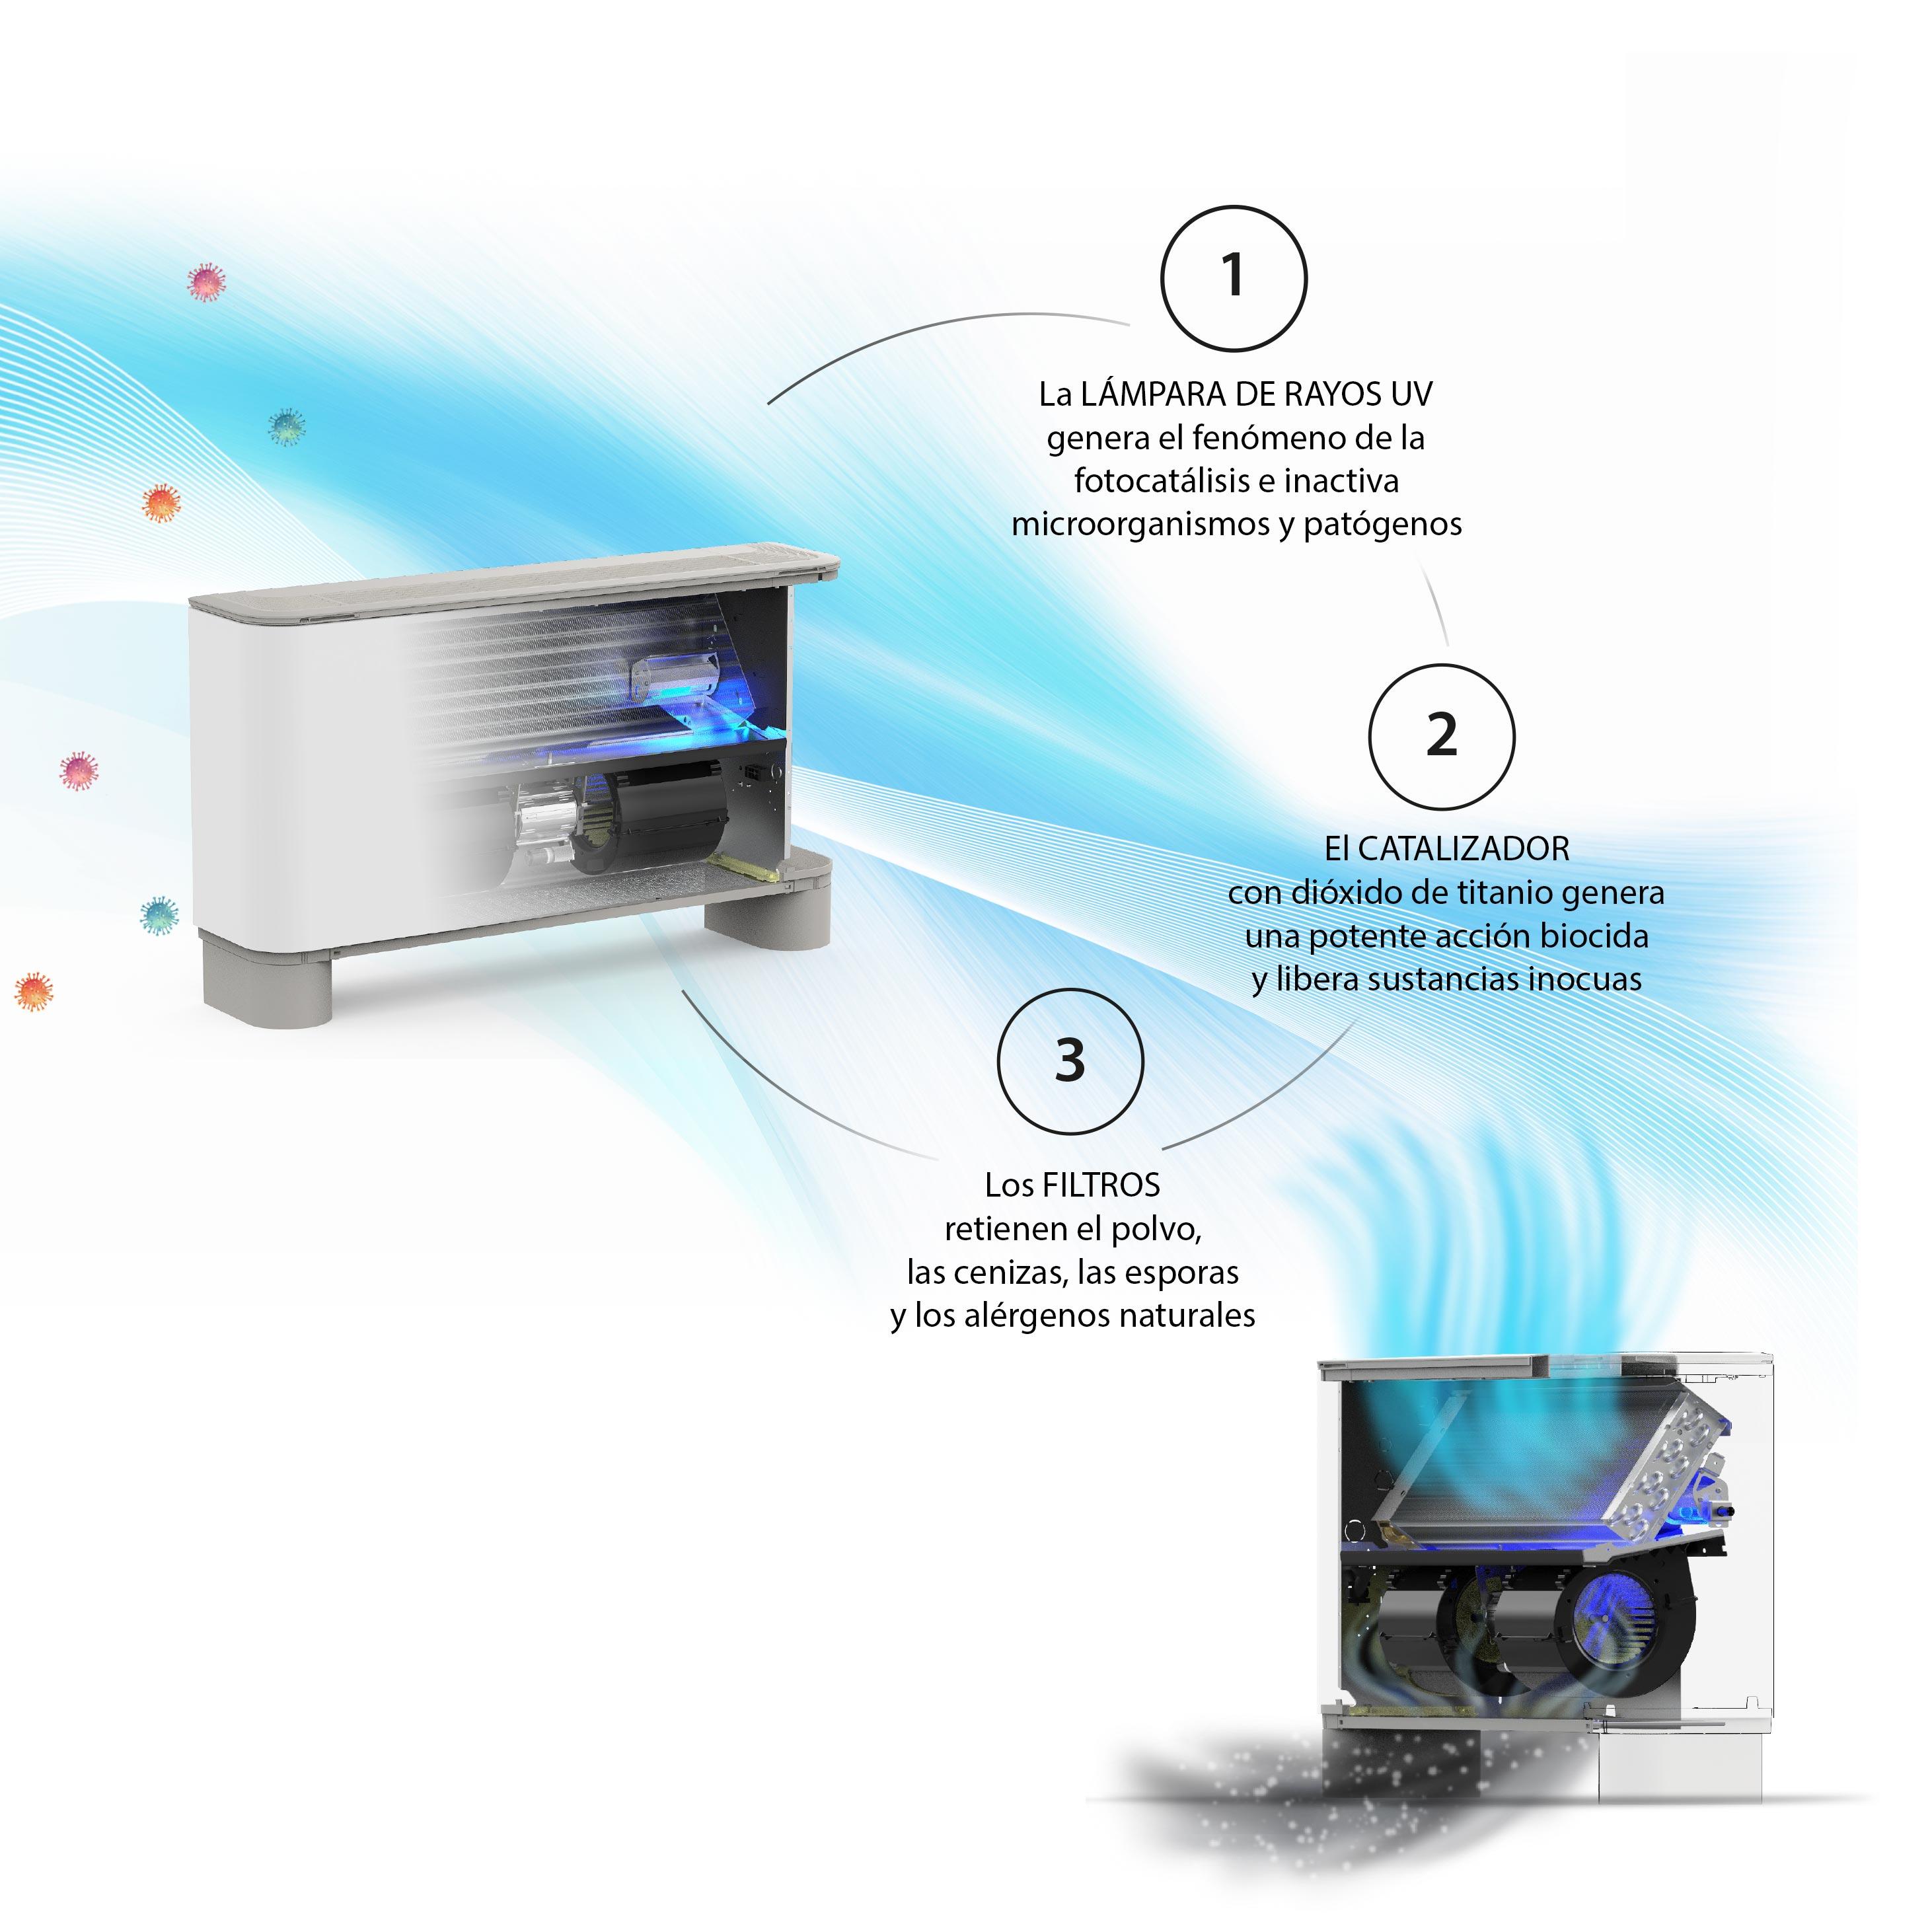 Aermec - Tecnología fotocatalítica